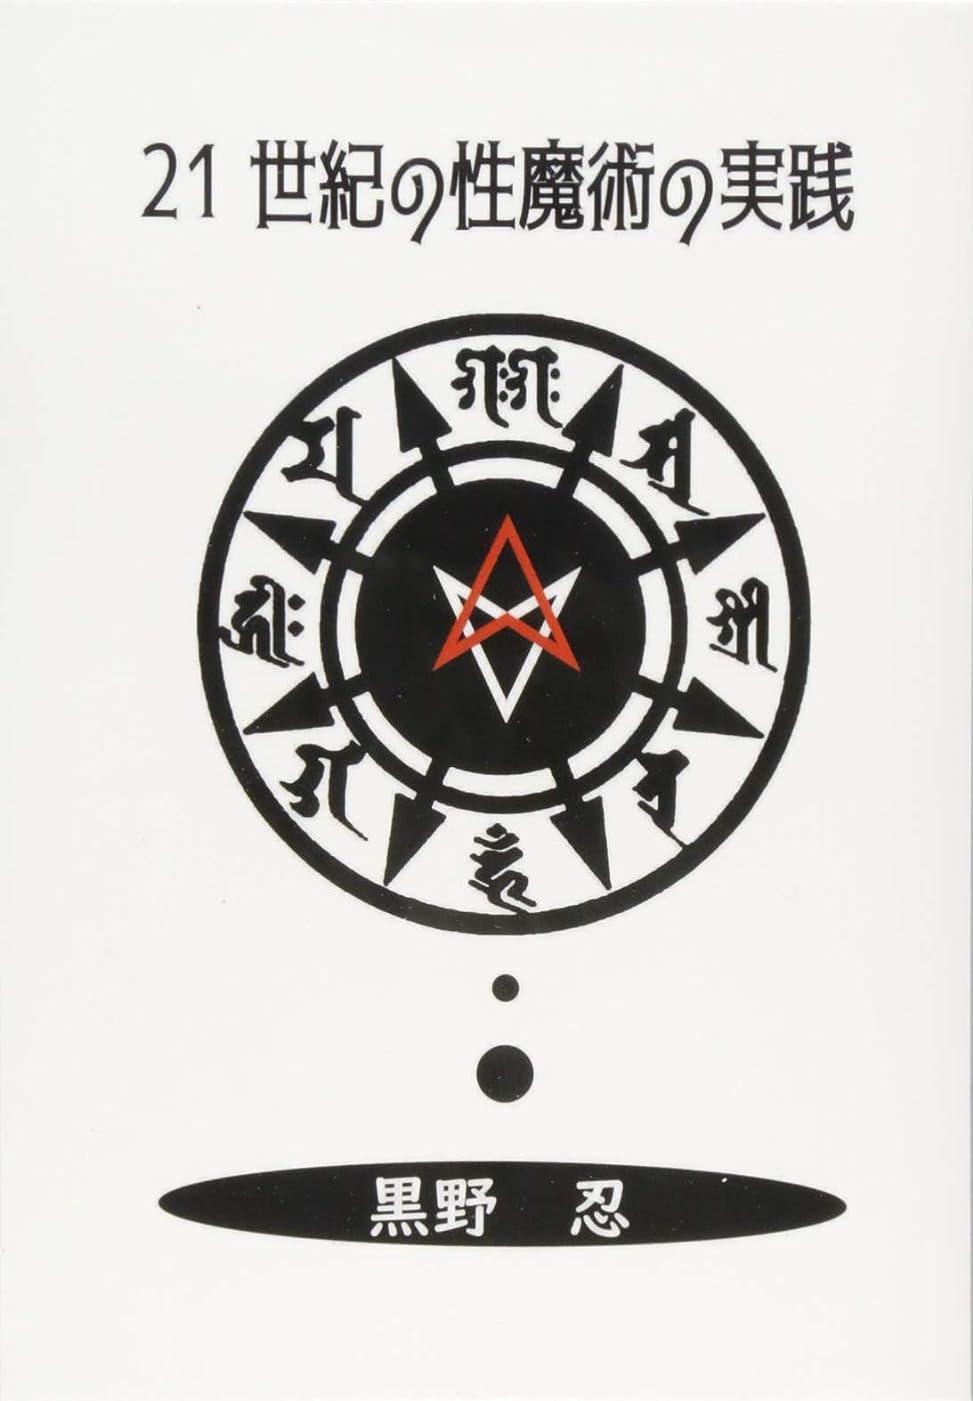 シールドジョージバーナード規制する21世紀の性魔術の実践 (MyISBN - デザインエッグ社)